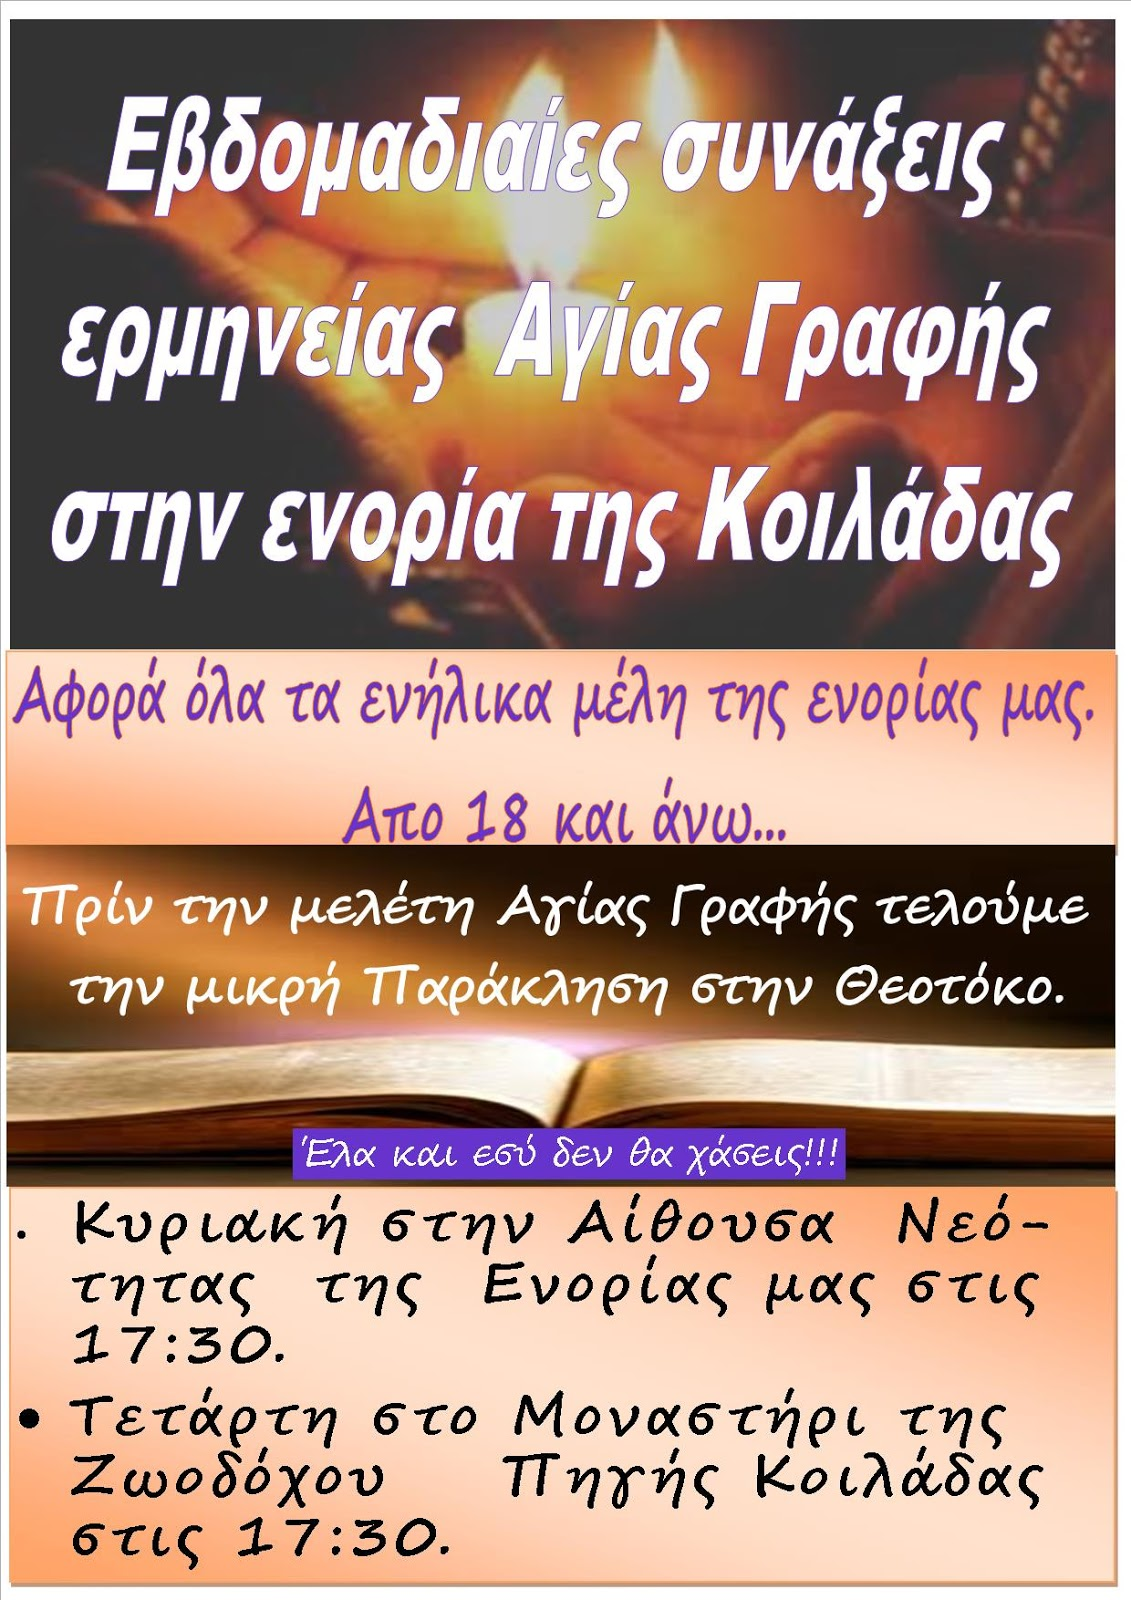 Πρόγραμμα συνάξεων ερμηνείας Αγίας Γραφής στην ενορία της Κοιλάδας